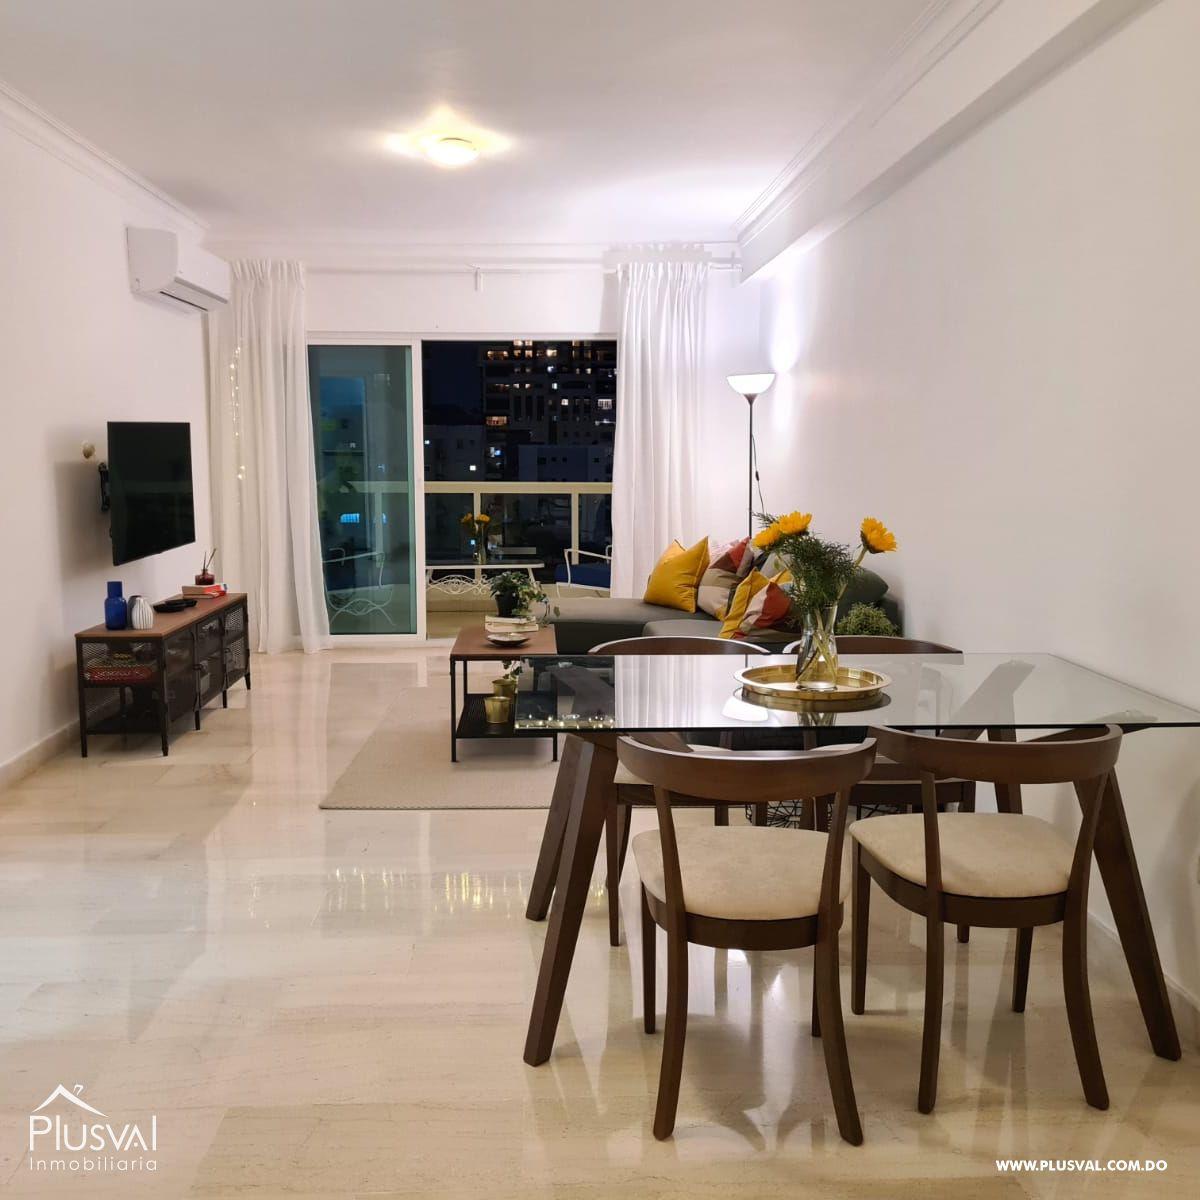 Apartamento amueblado en alquiler, Naco 188909